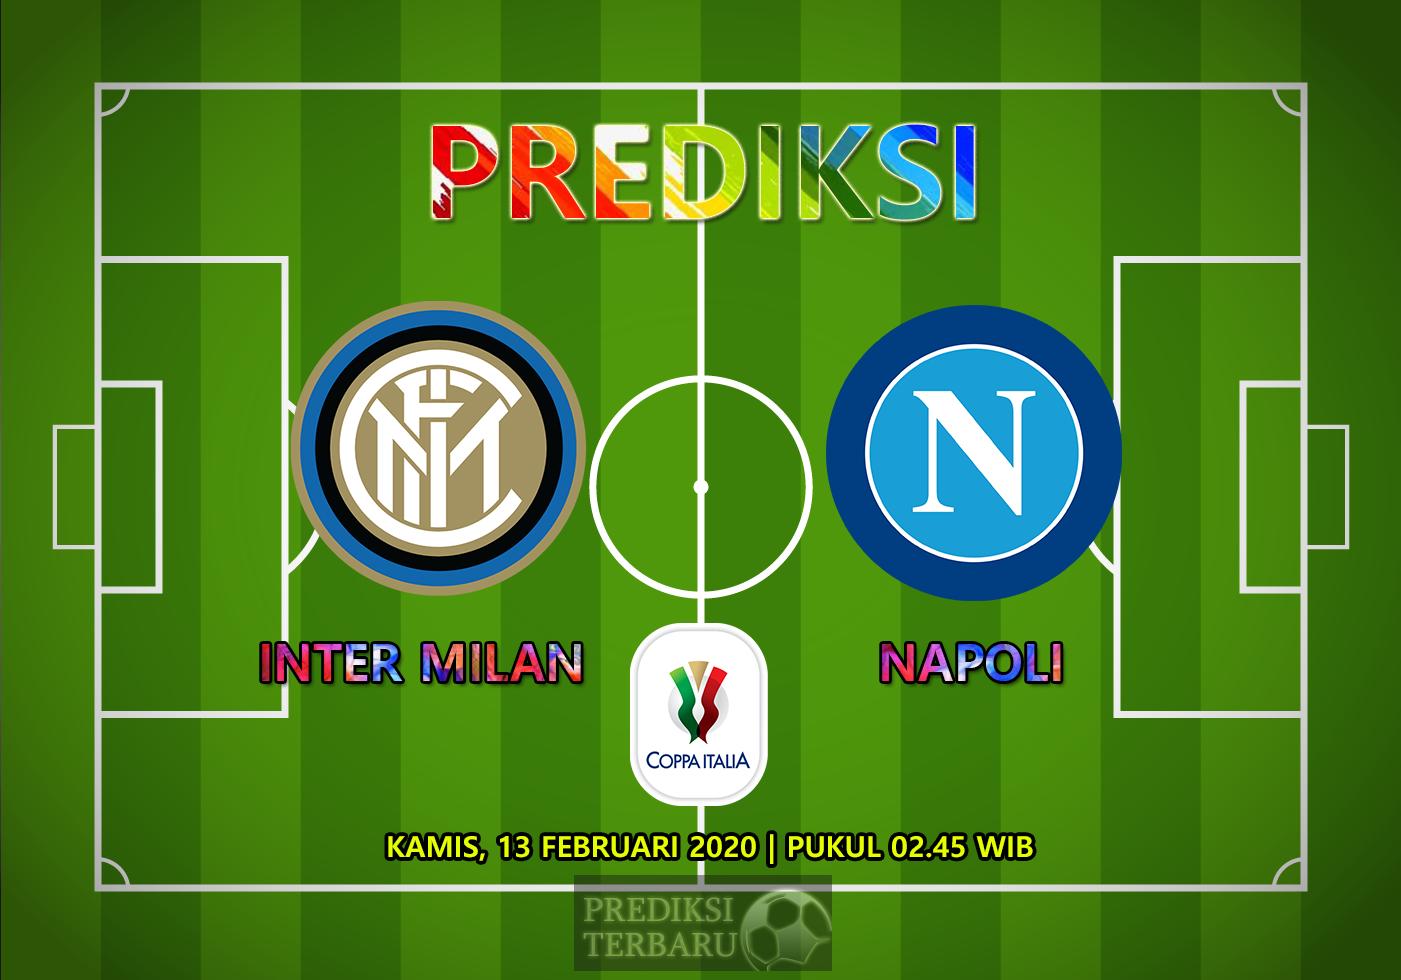 Prediksi Inter Milan Vs Napoli 13 Februari